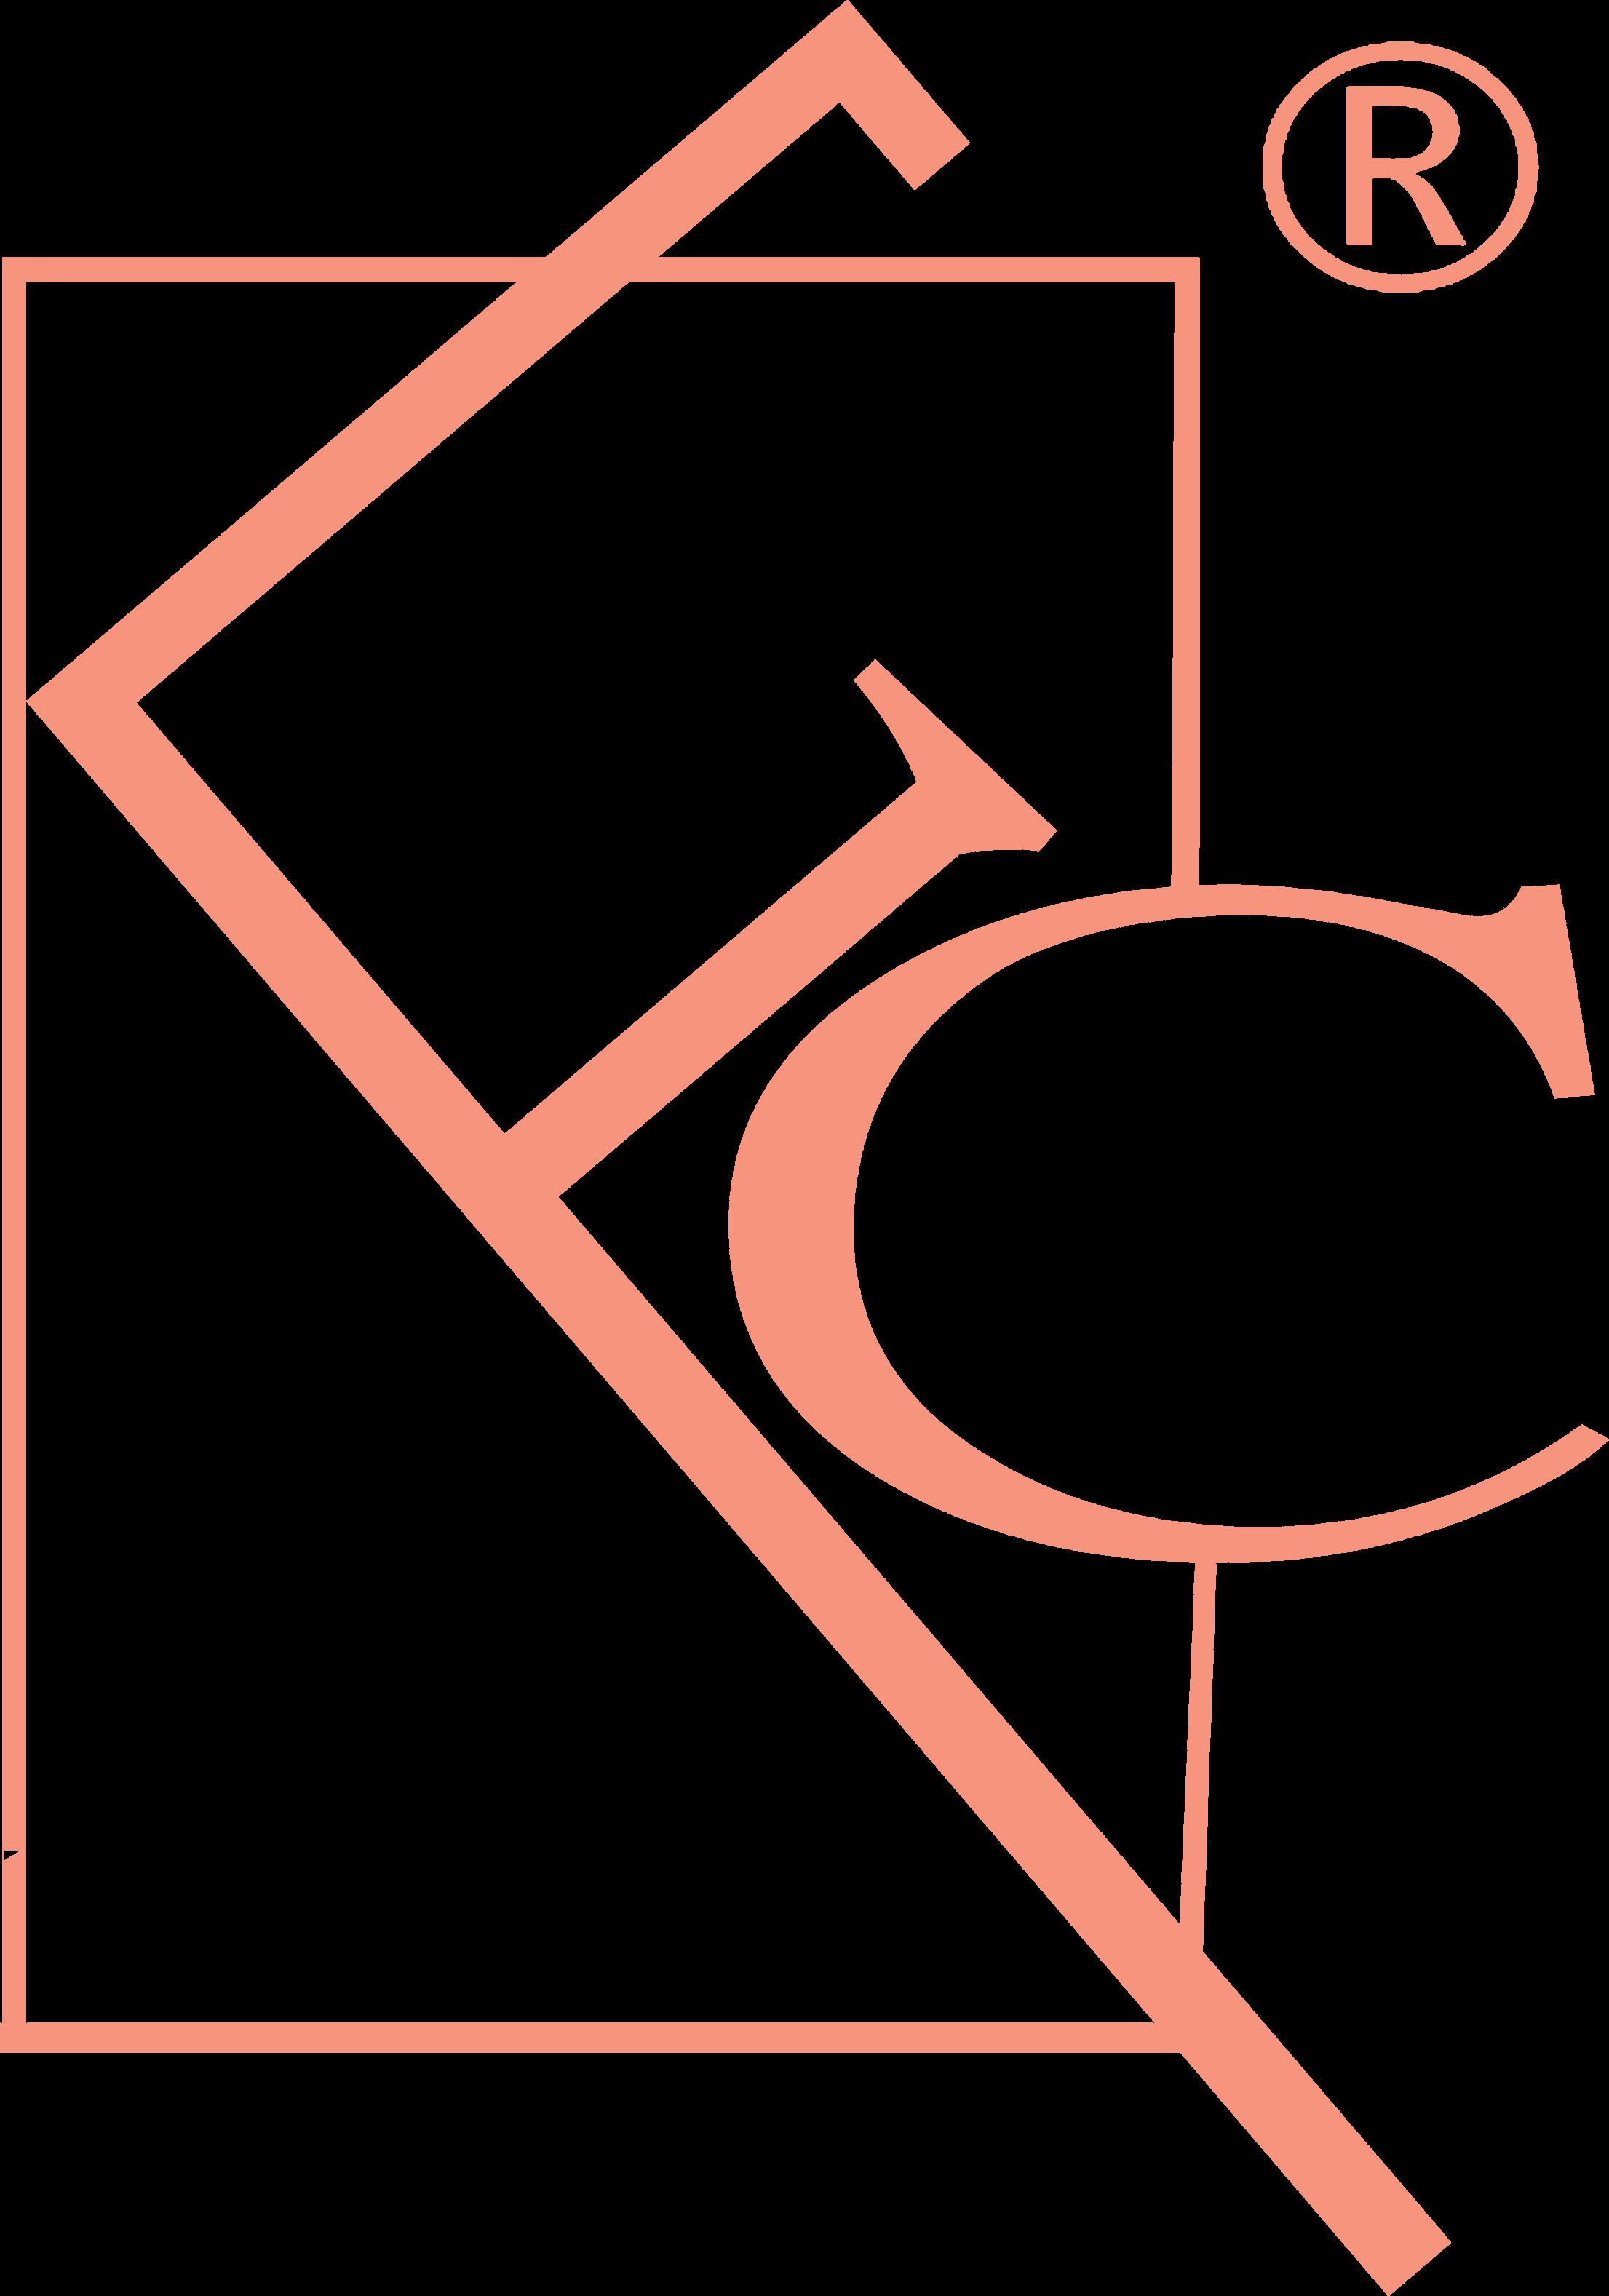 FC-Logo-Color-F7947D-R